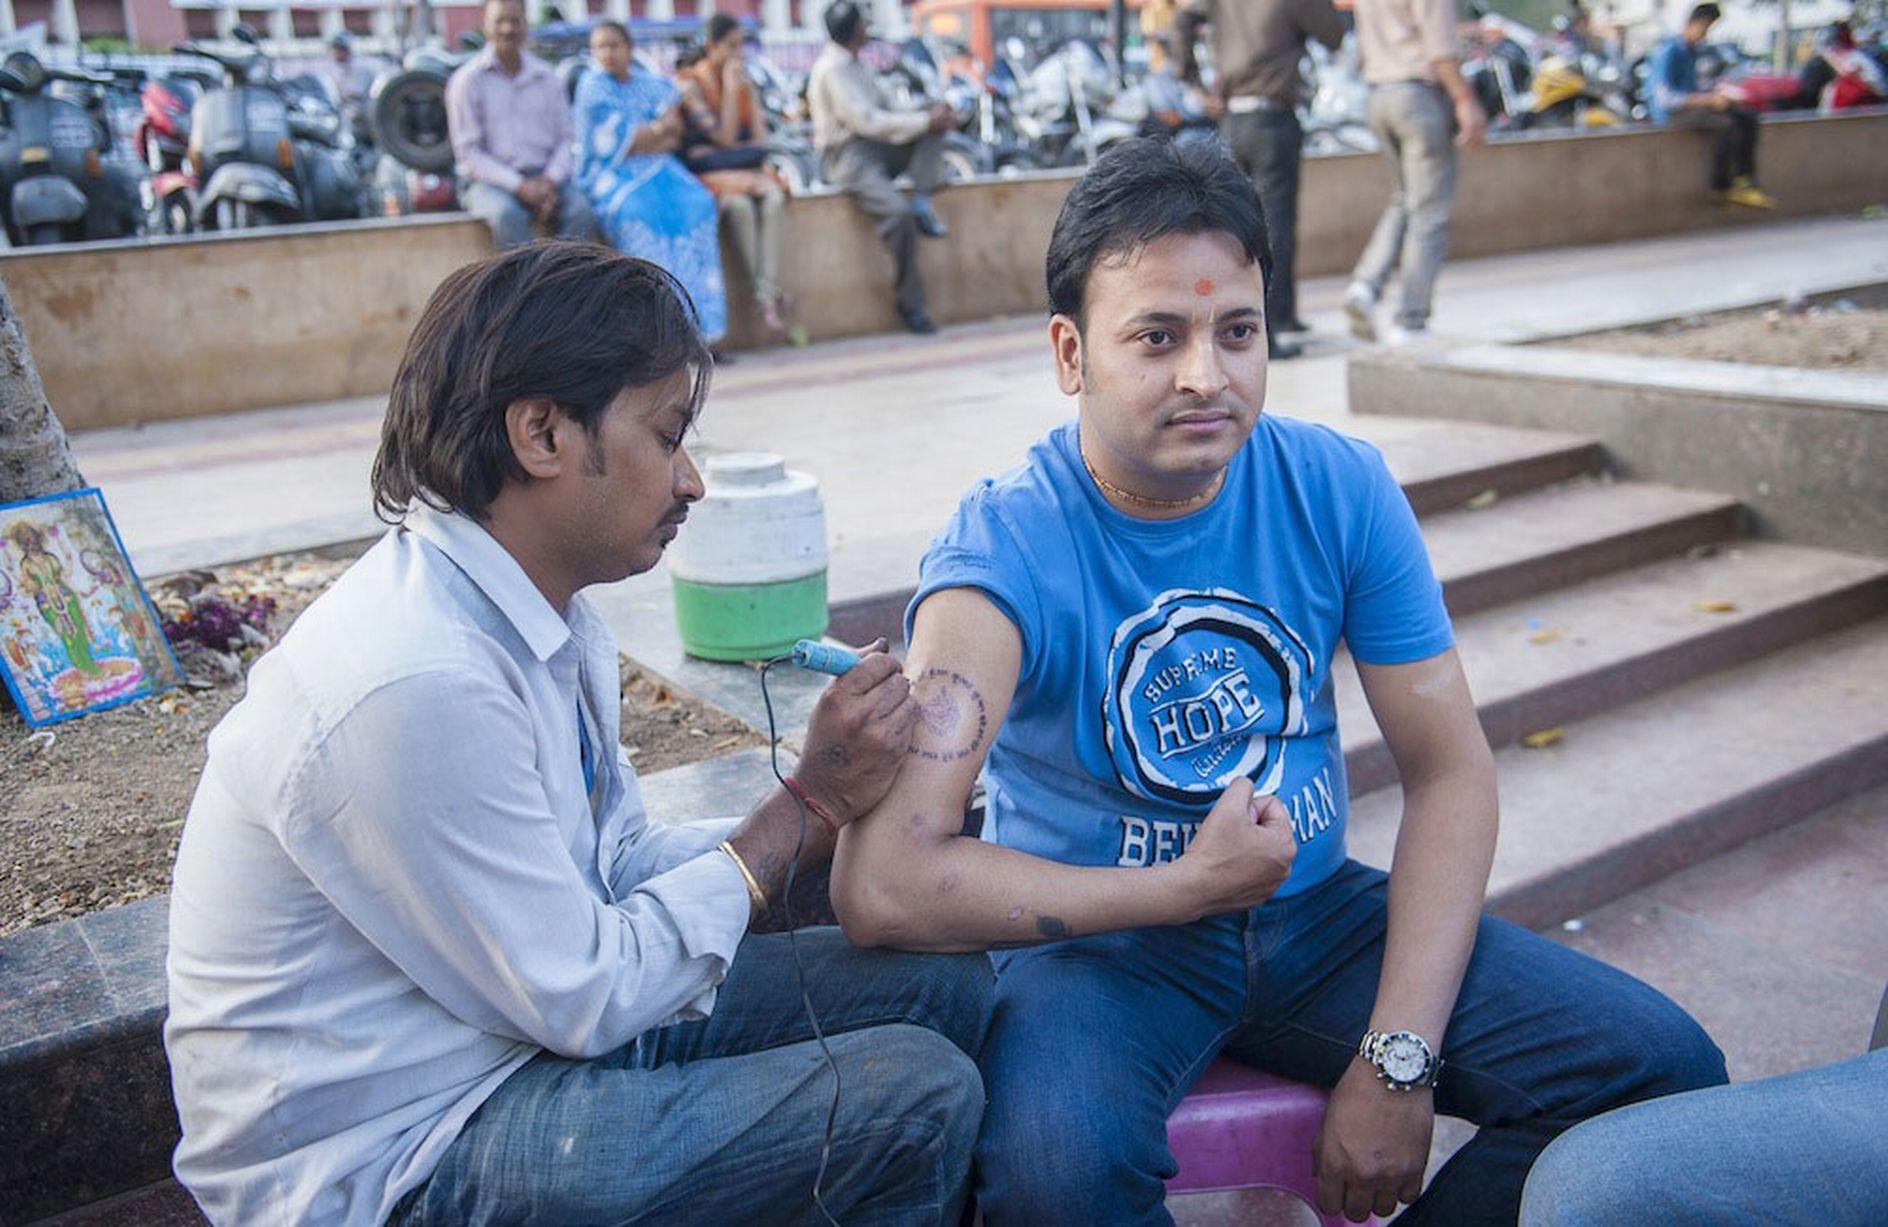 уличная татуировка, Индия, тату-индустрия, асептика, антисептика, татуировка в Индии, Дели